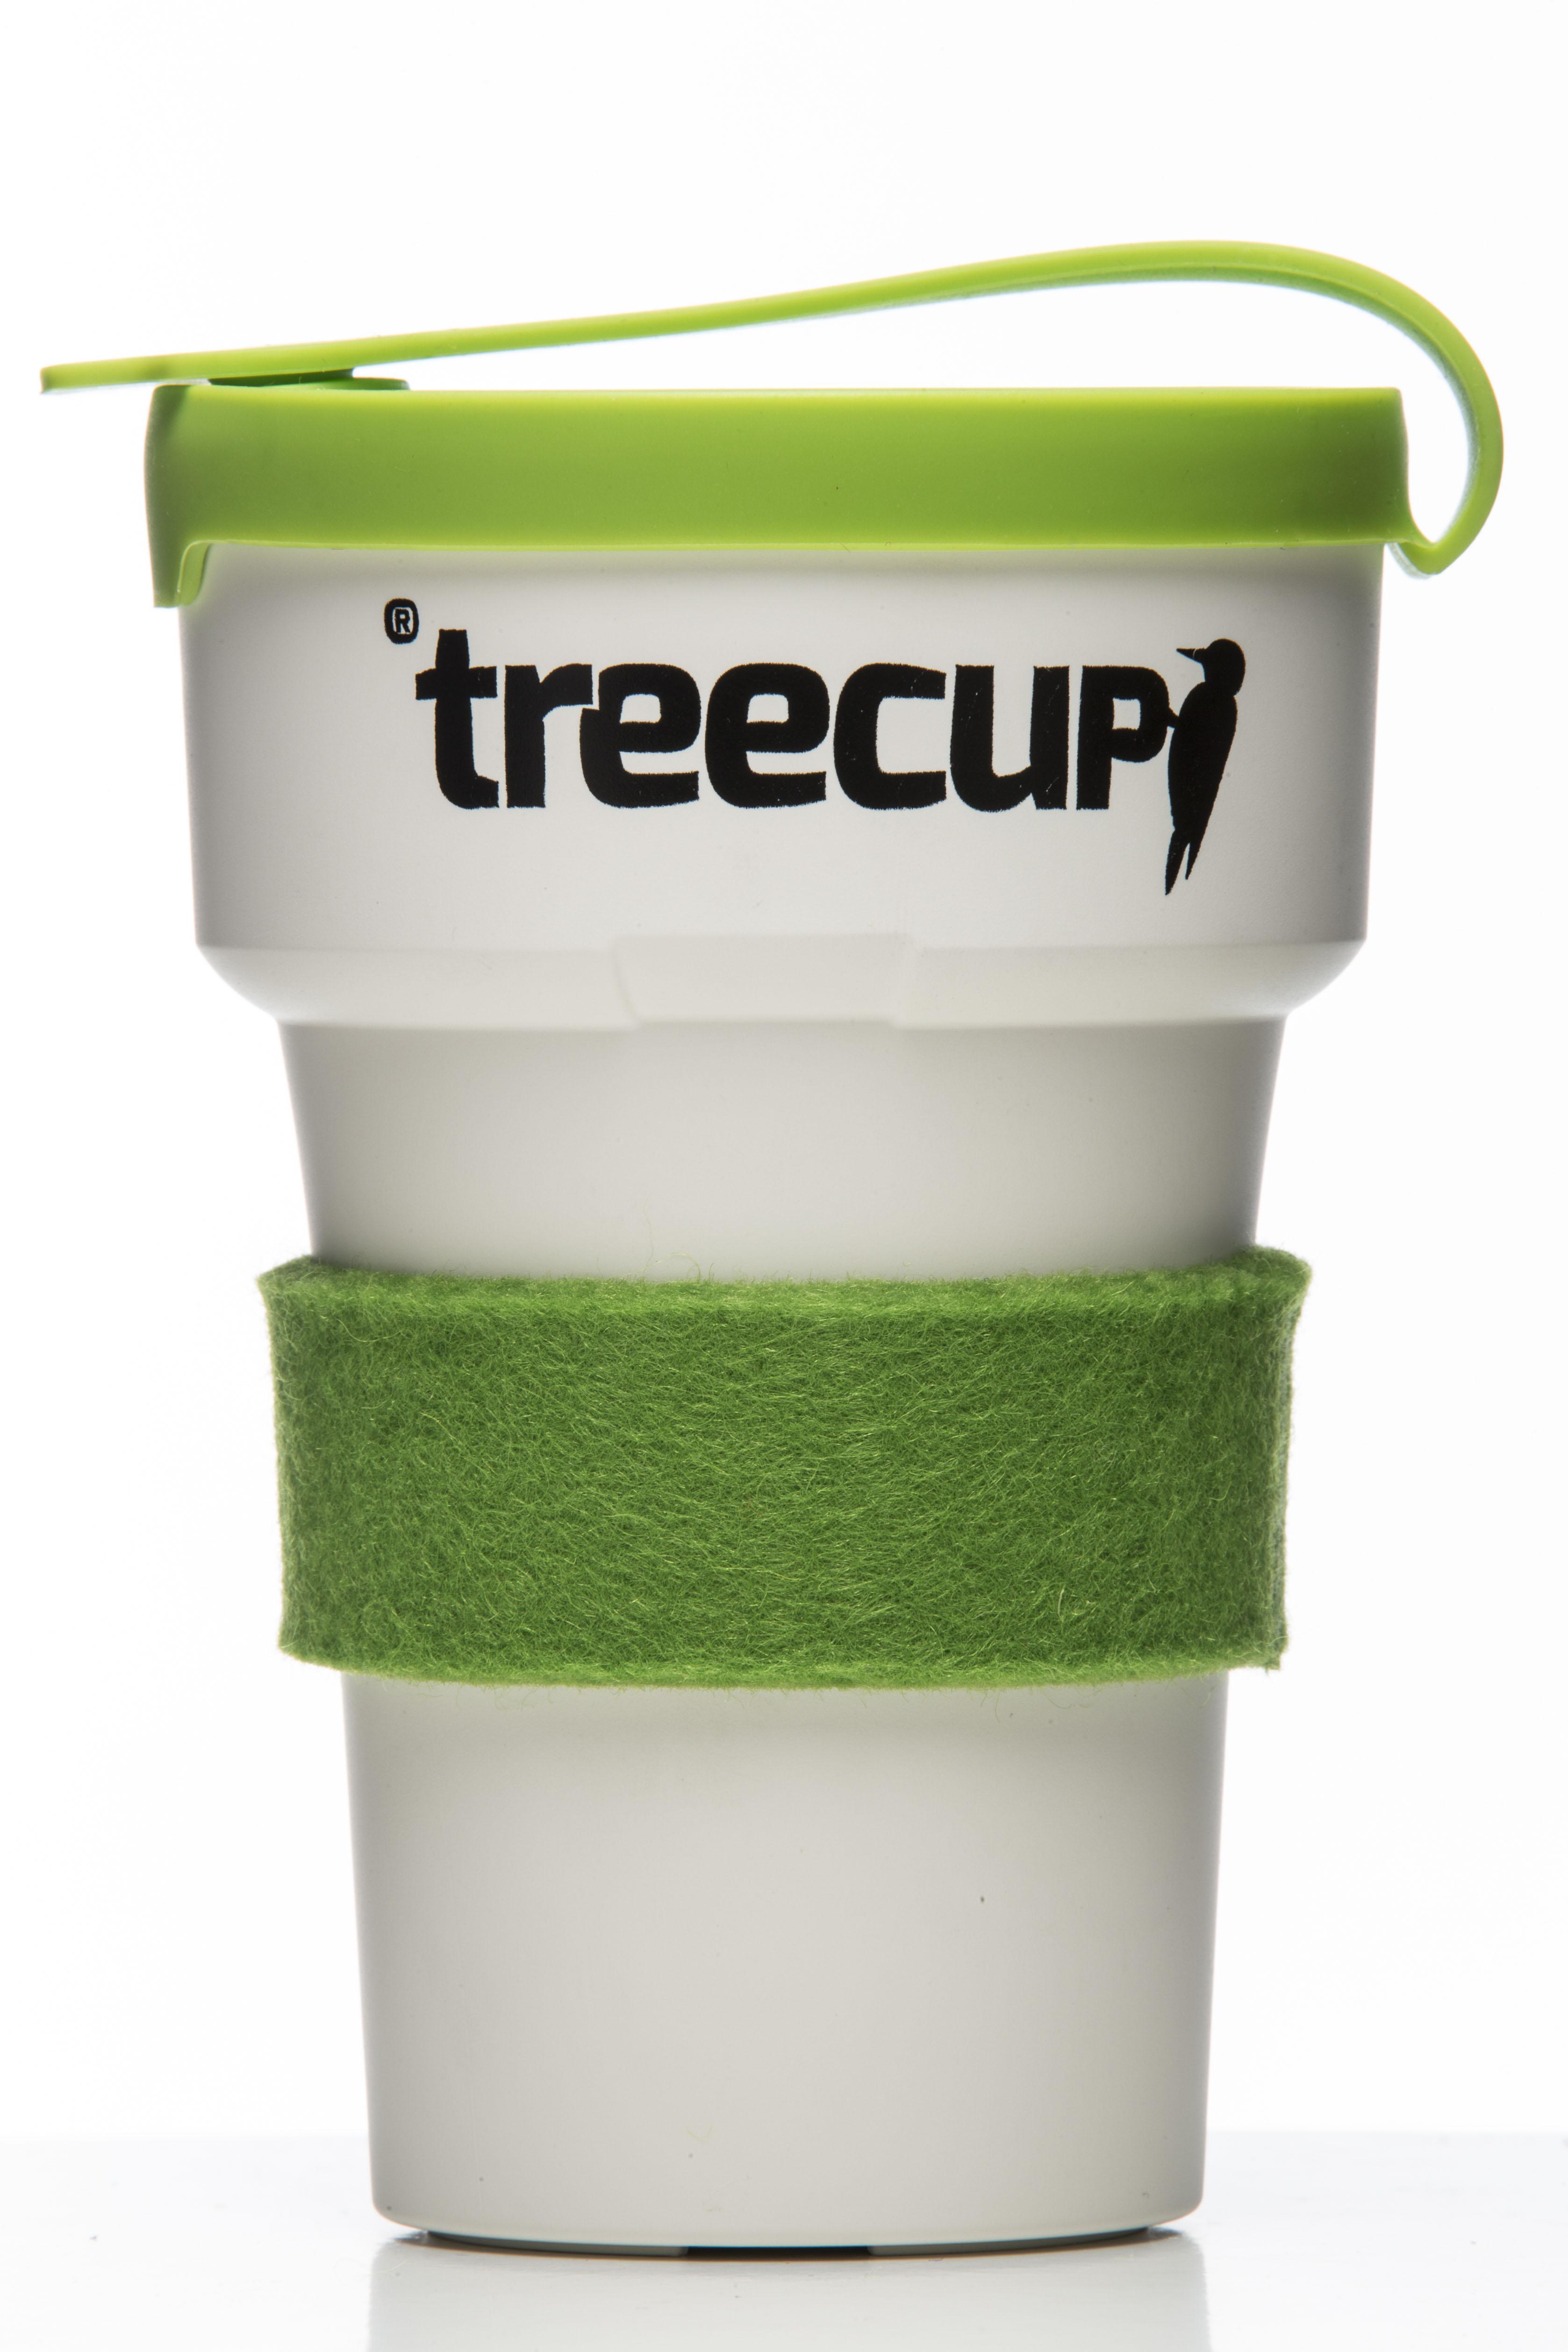 treecup Lid